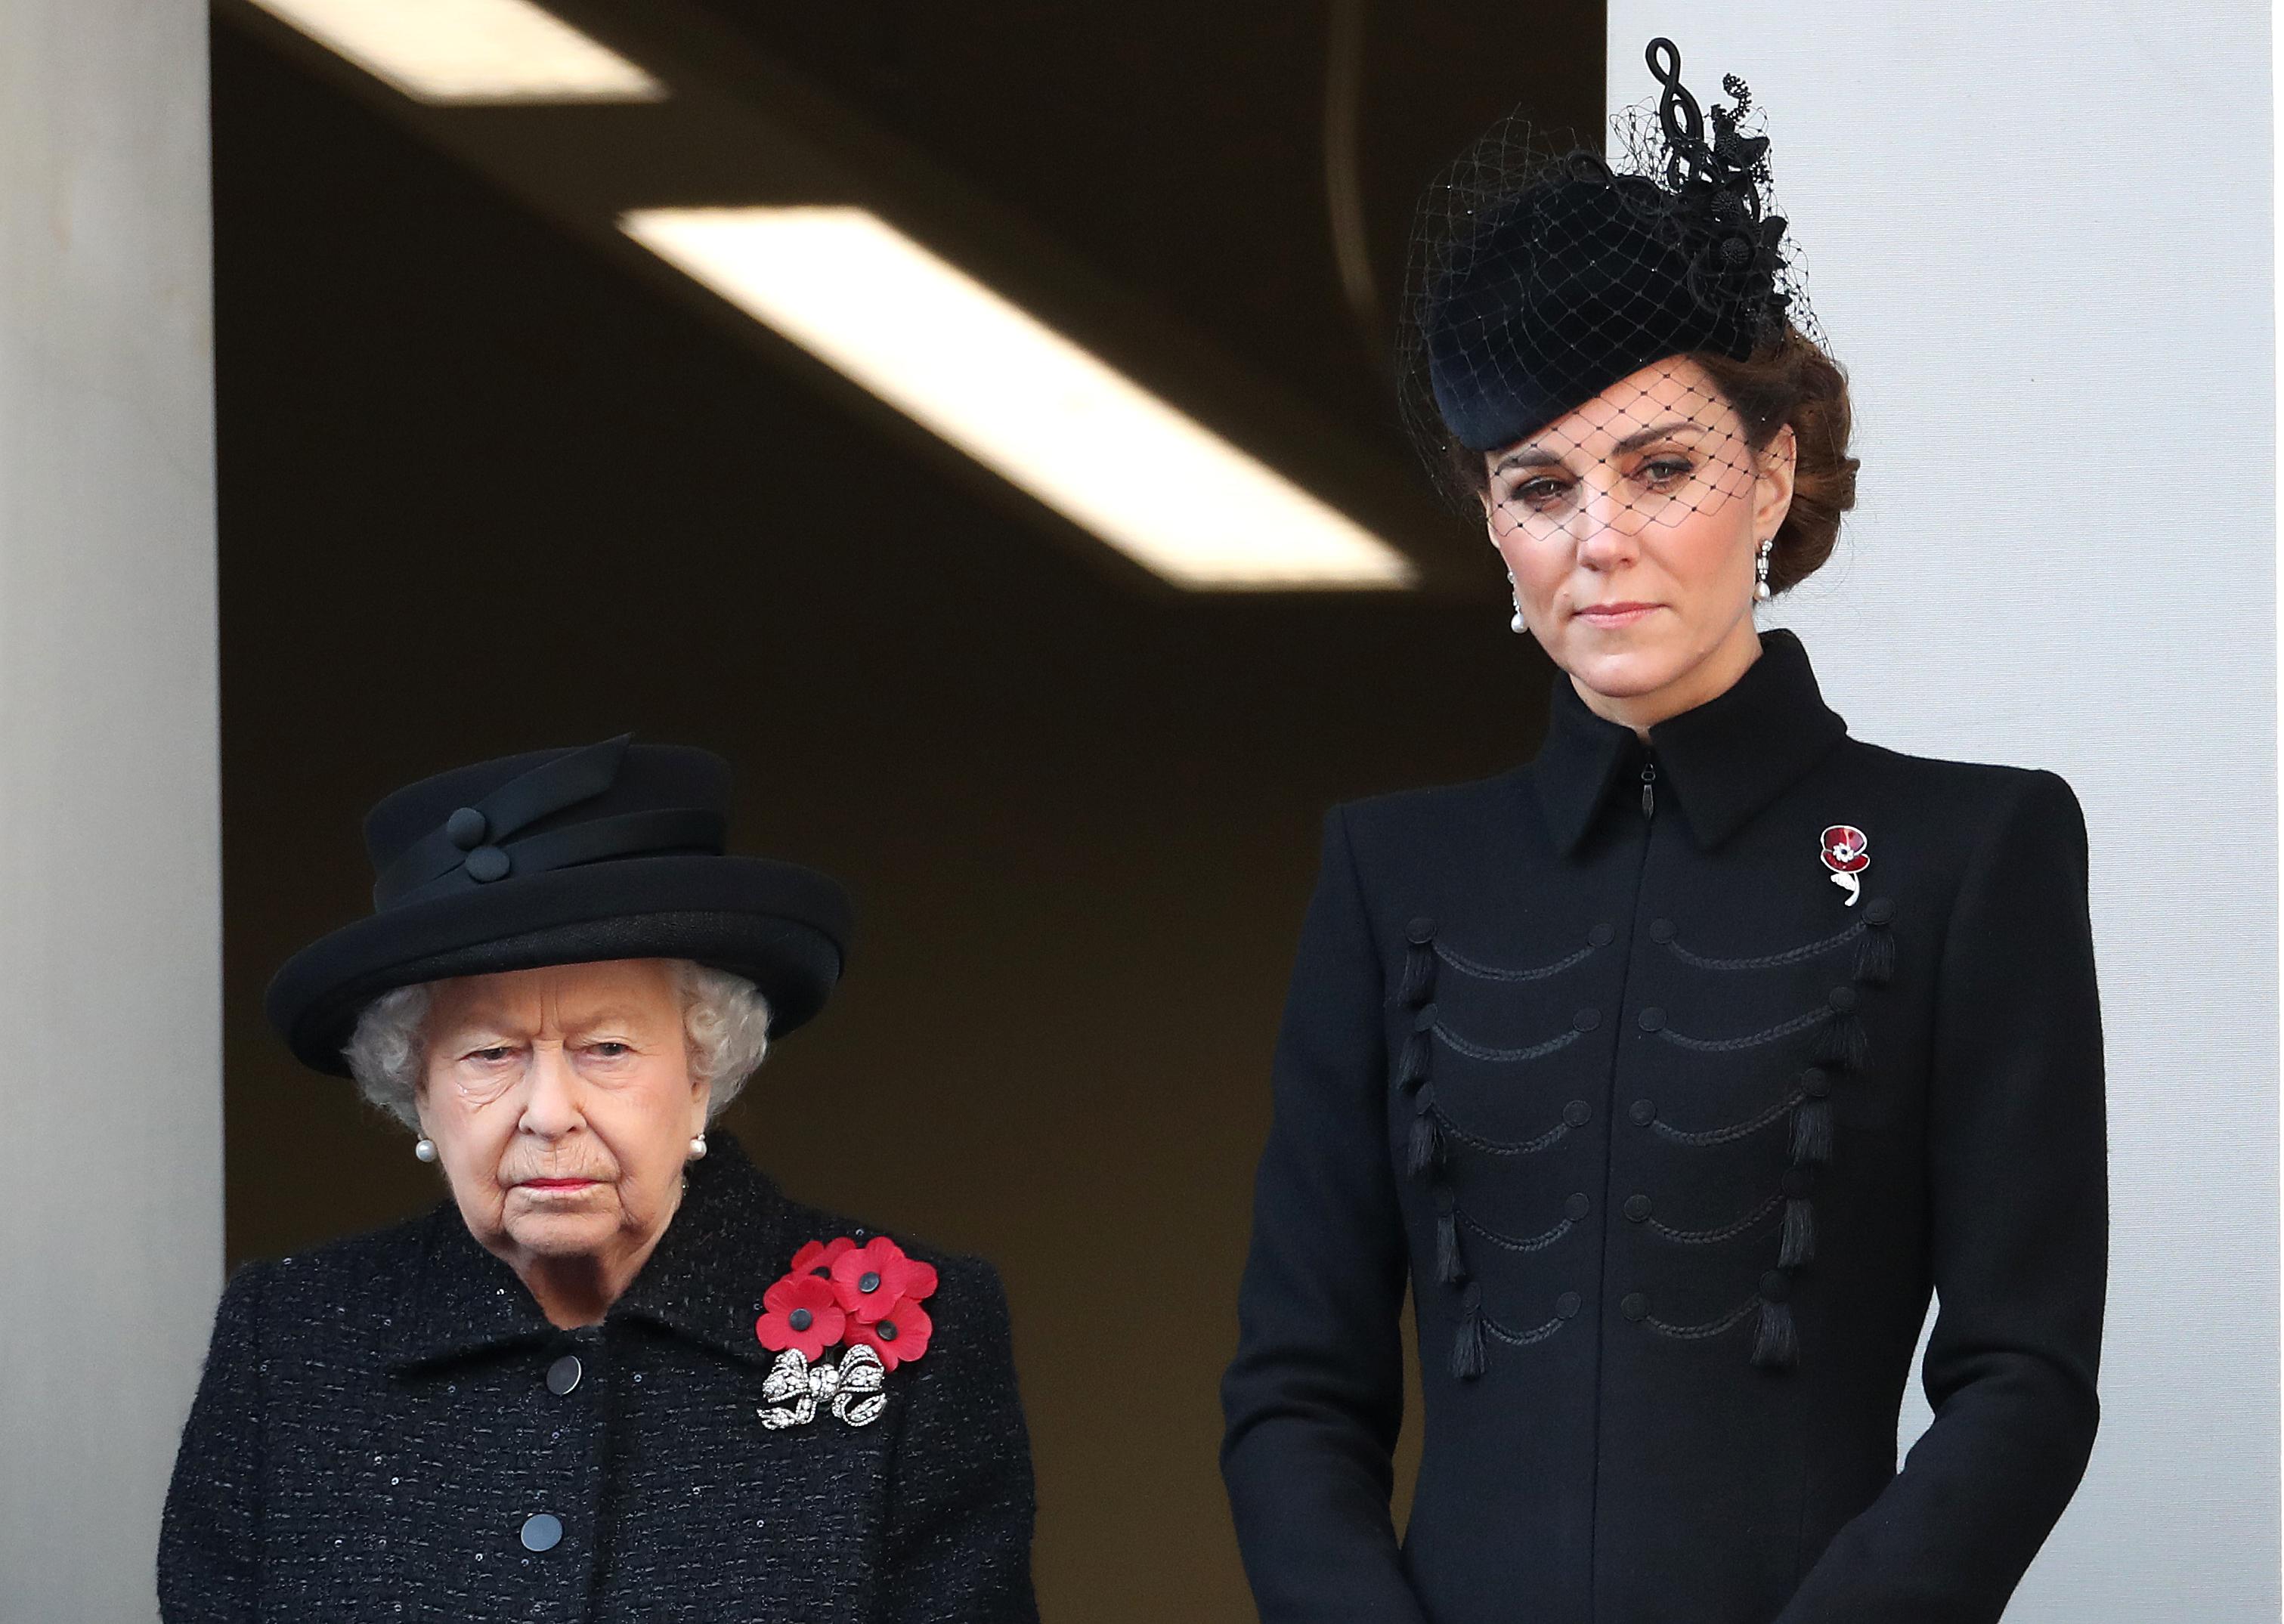 <p>Уилям и Хари отдадоха уважението си пред паметника Кенотаф в Лондон заедно с баща си&nbsp;&ndash; престолонаследника принц Чарлз, в присъствието на огромна тълпа.&nbsp;През това време&nbsp;Кейт Мидълтън наблюдаваше церемонията от един балкон заедно с кралица Елизабет и Камила, херцогинята на Корнуол, а&nbsp;Меган Маркъл беше на друг заедно със Софи, графинята на Уесекс и съпруга на принцеса Ан &ndash; сър Тимоти Лорънс.</p>